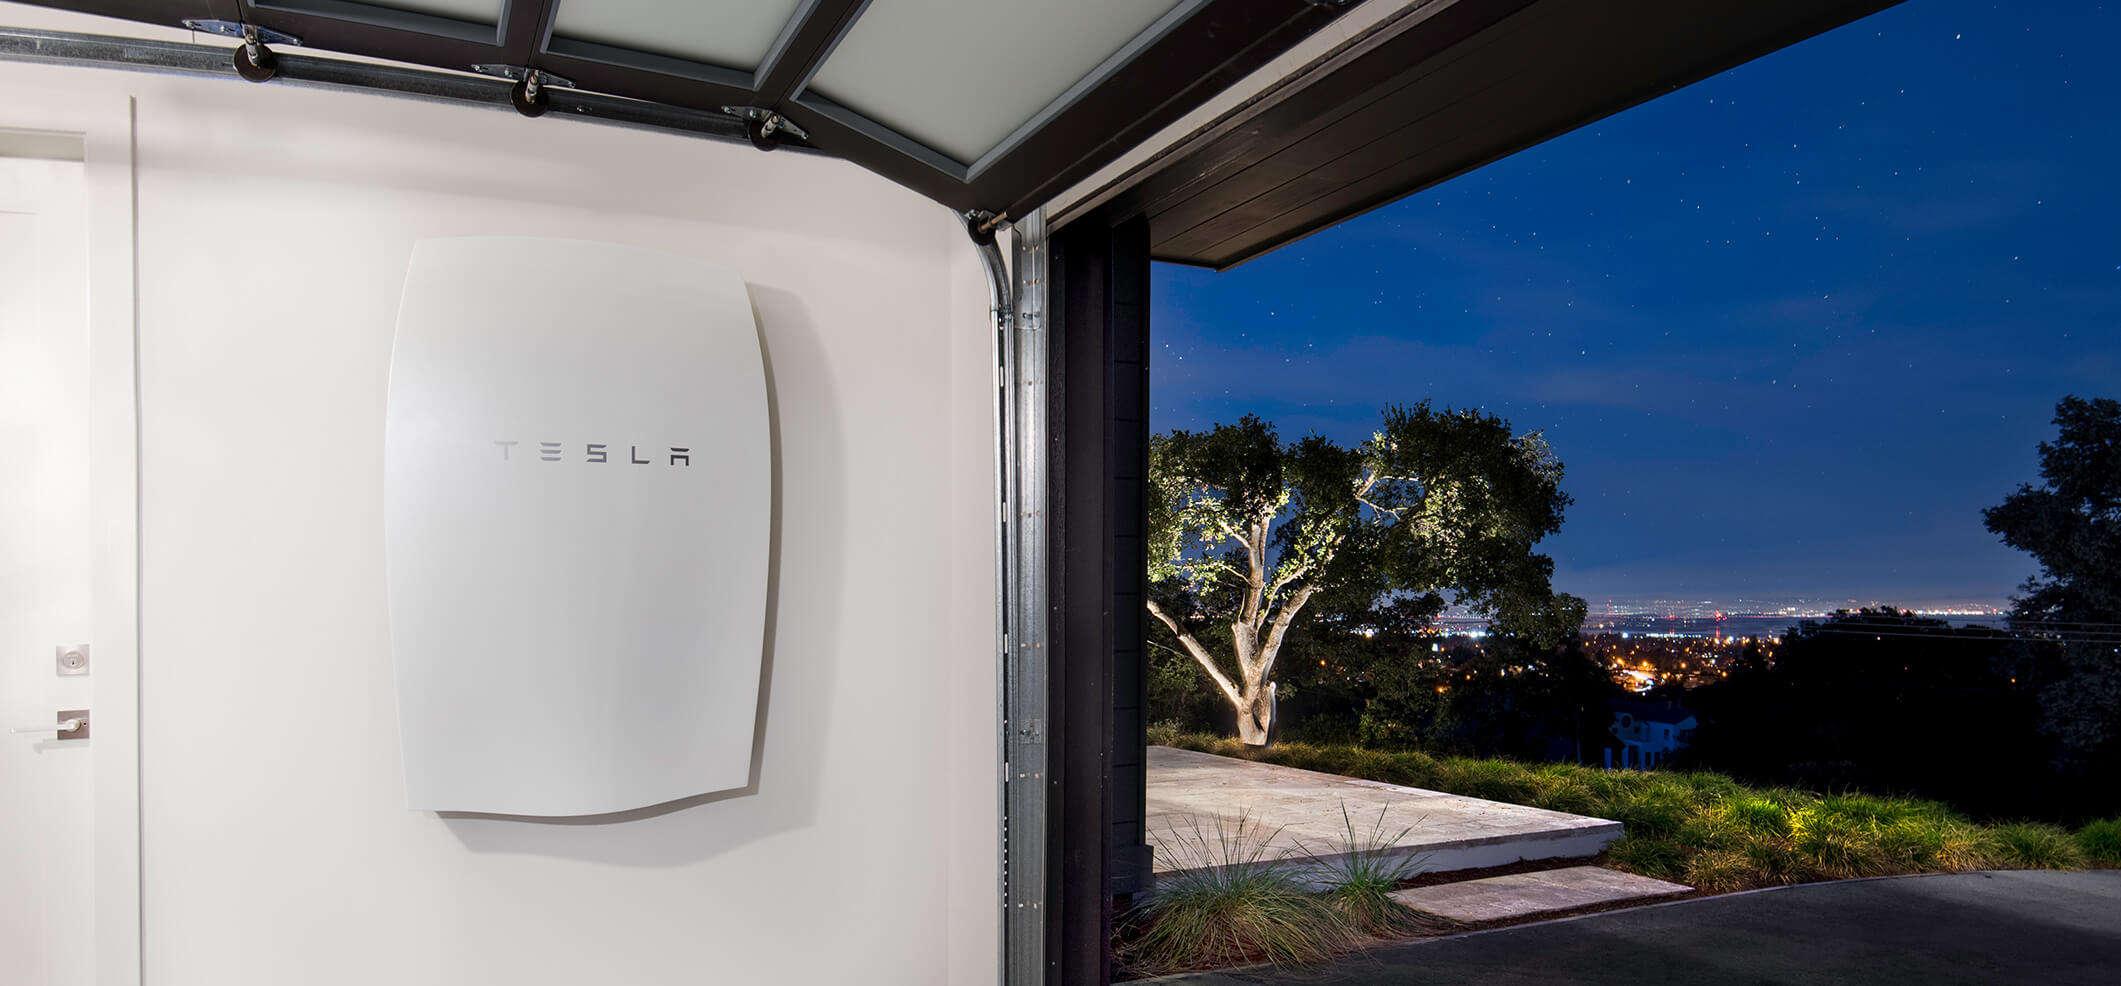 特斯拉推太阳能产品计划,用太阳能电池板作屋顶